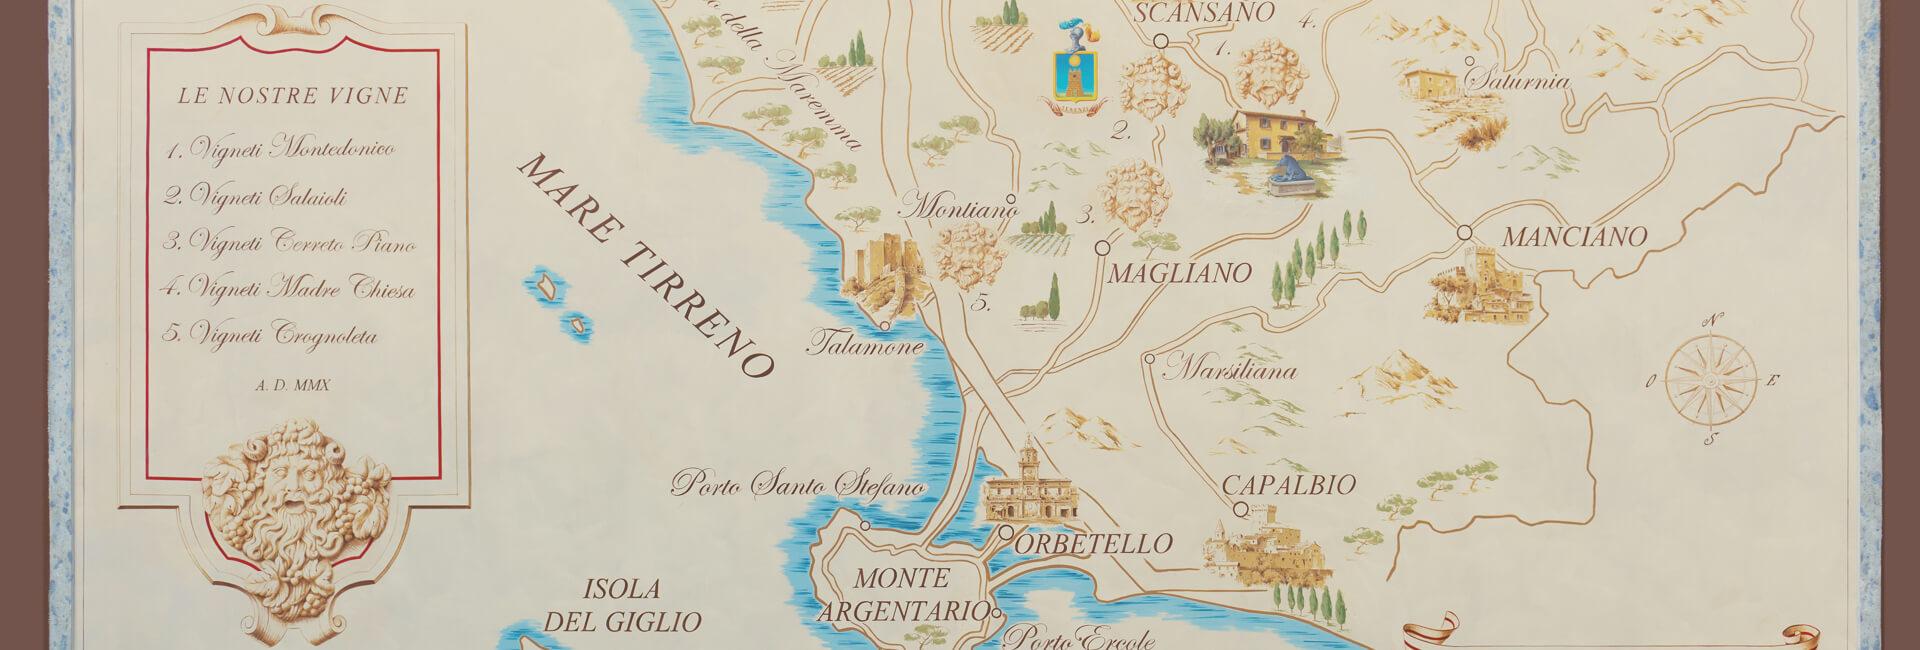 territory-terenzi-winemakers-scansano